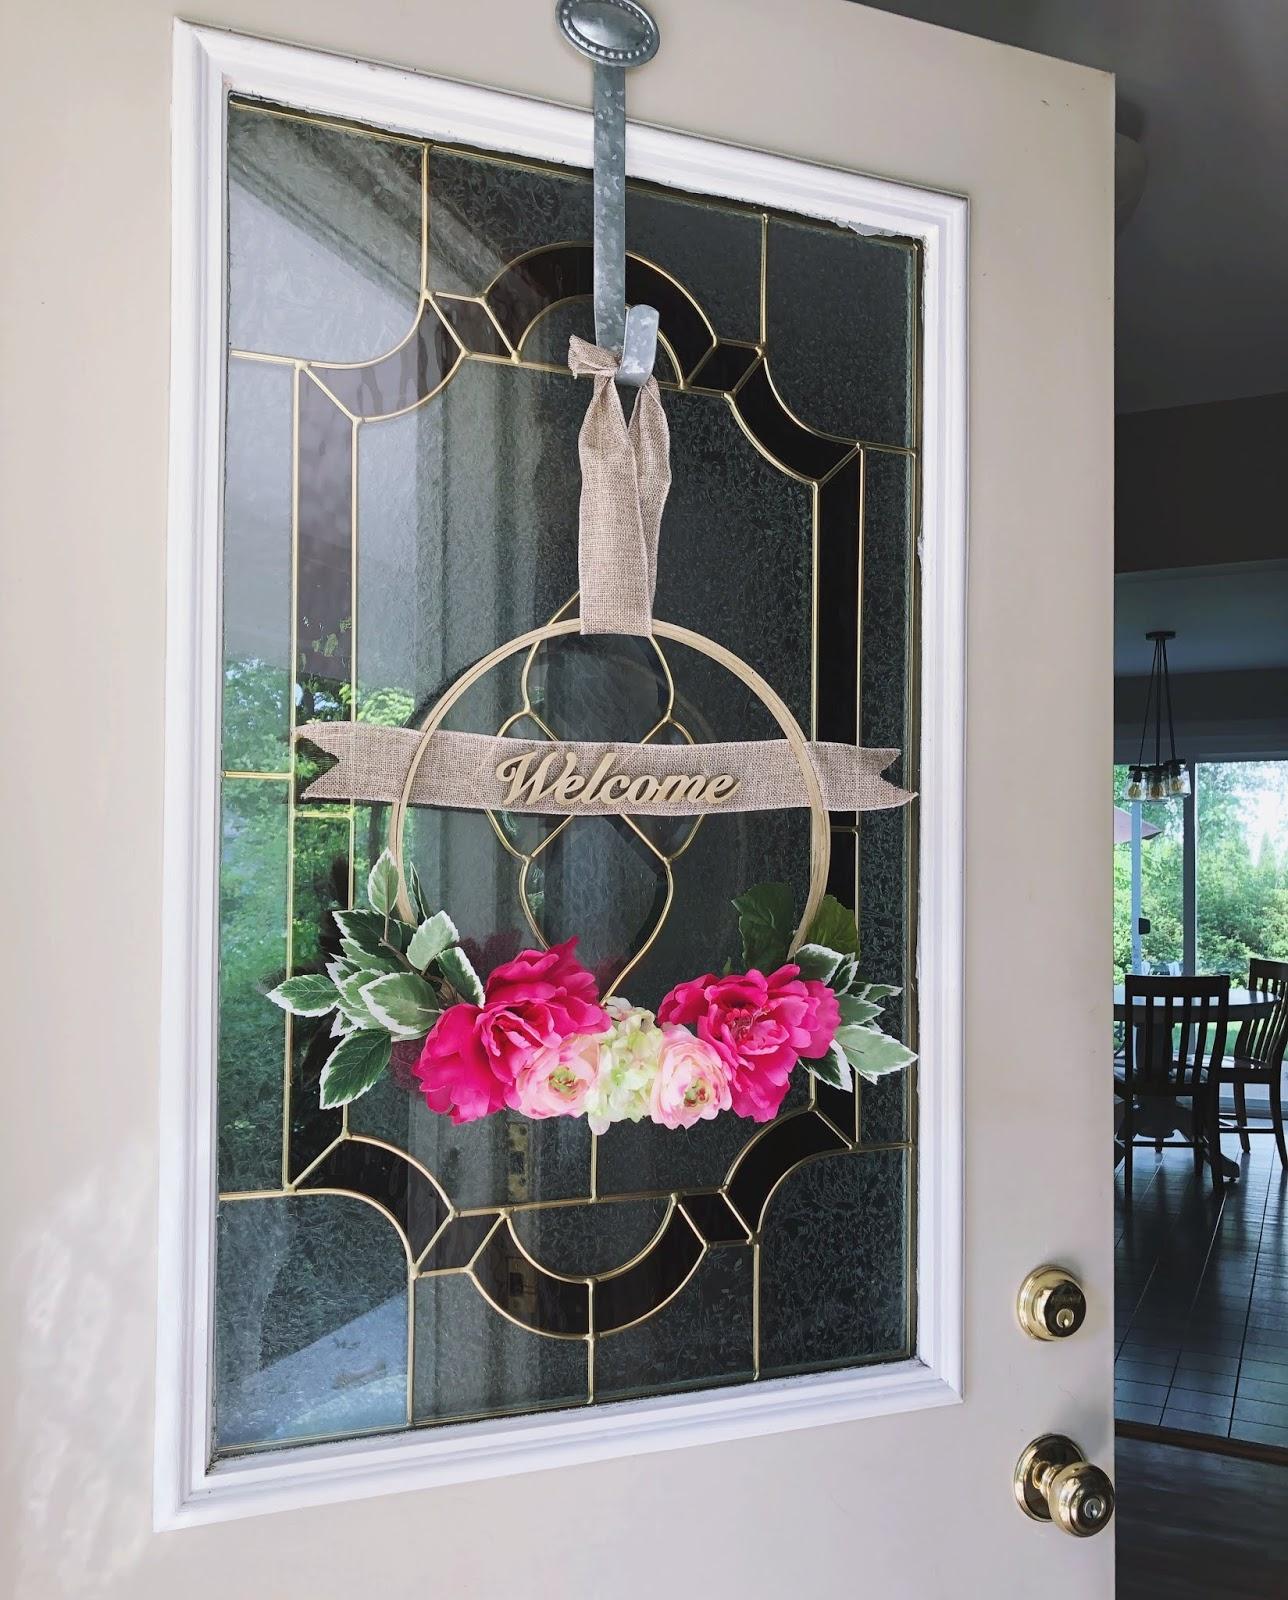 Easy Spring Floral Hoop Wreath Tutorial